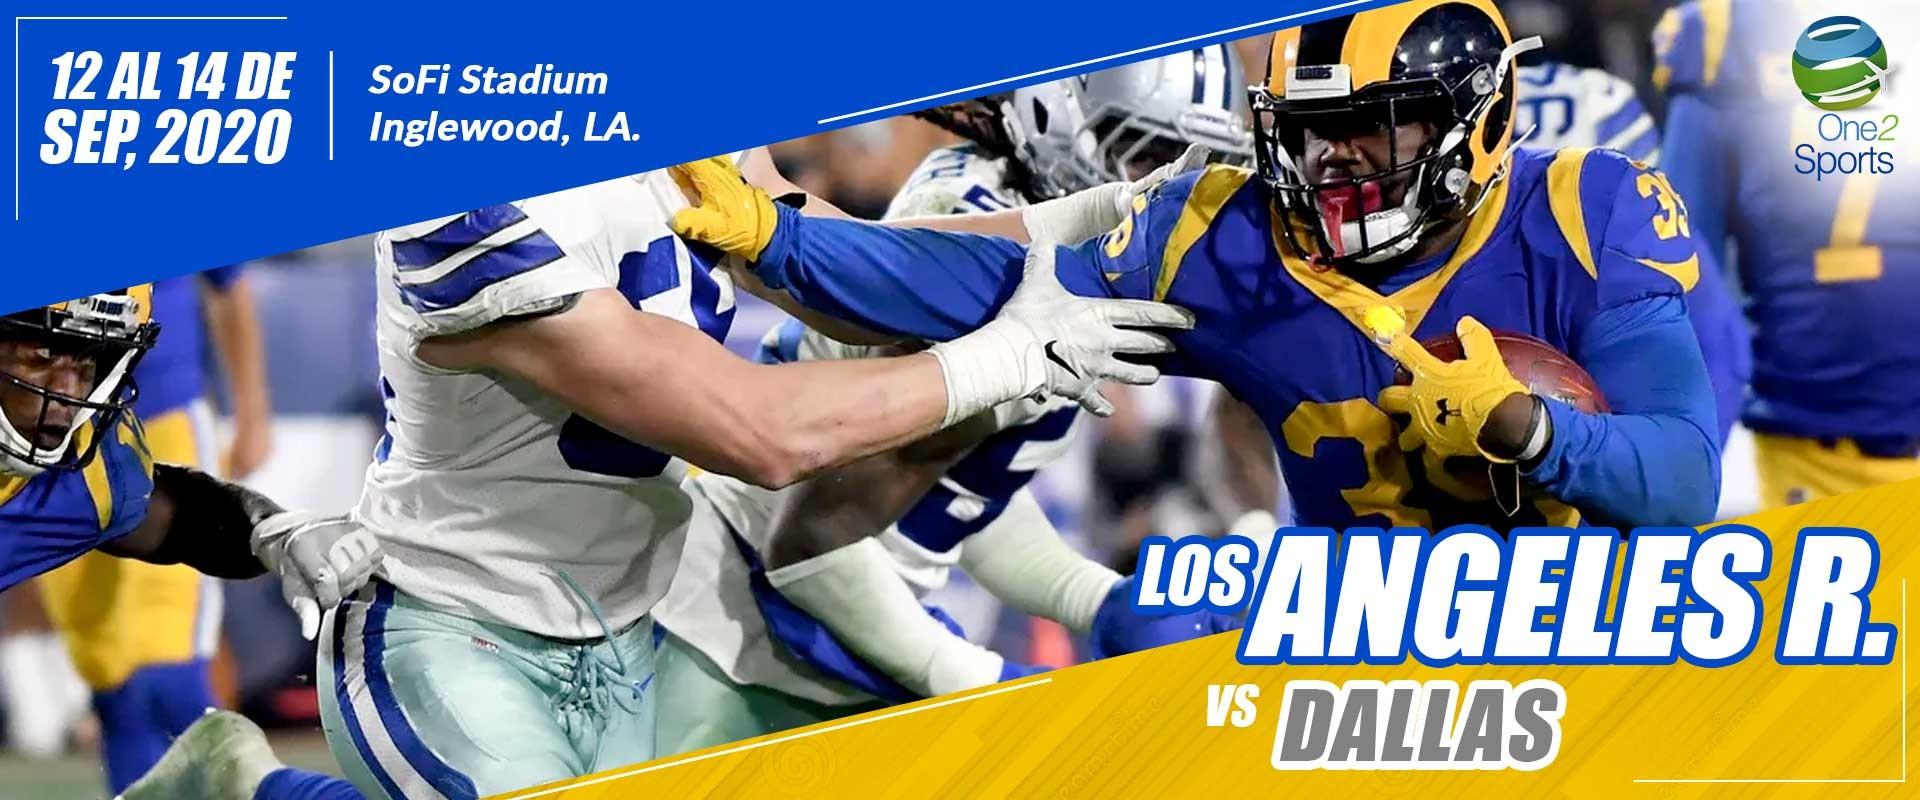 Los Angeles R vs Dallas